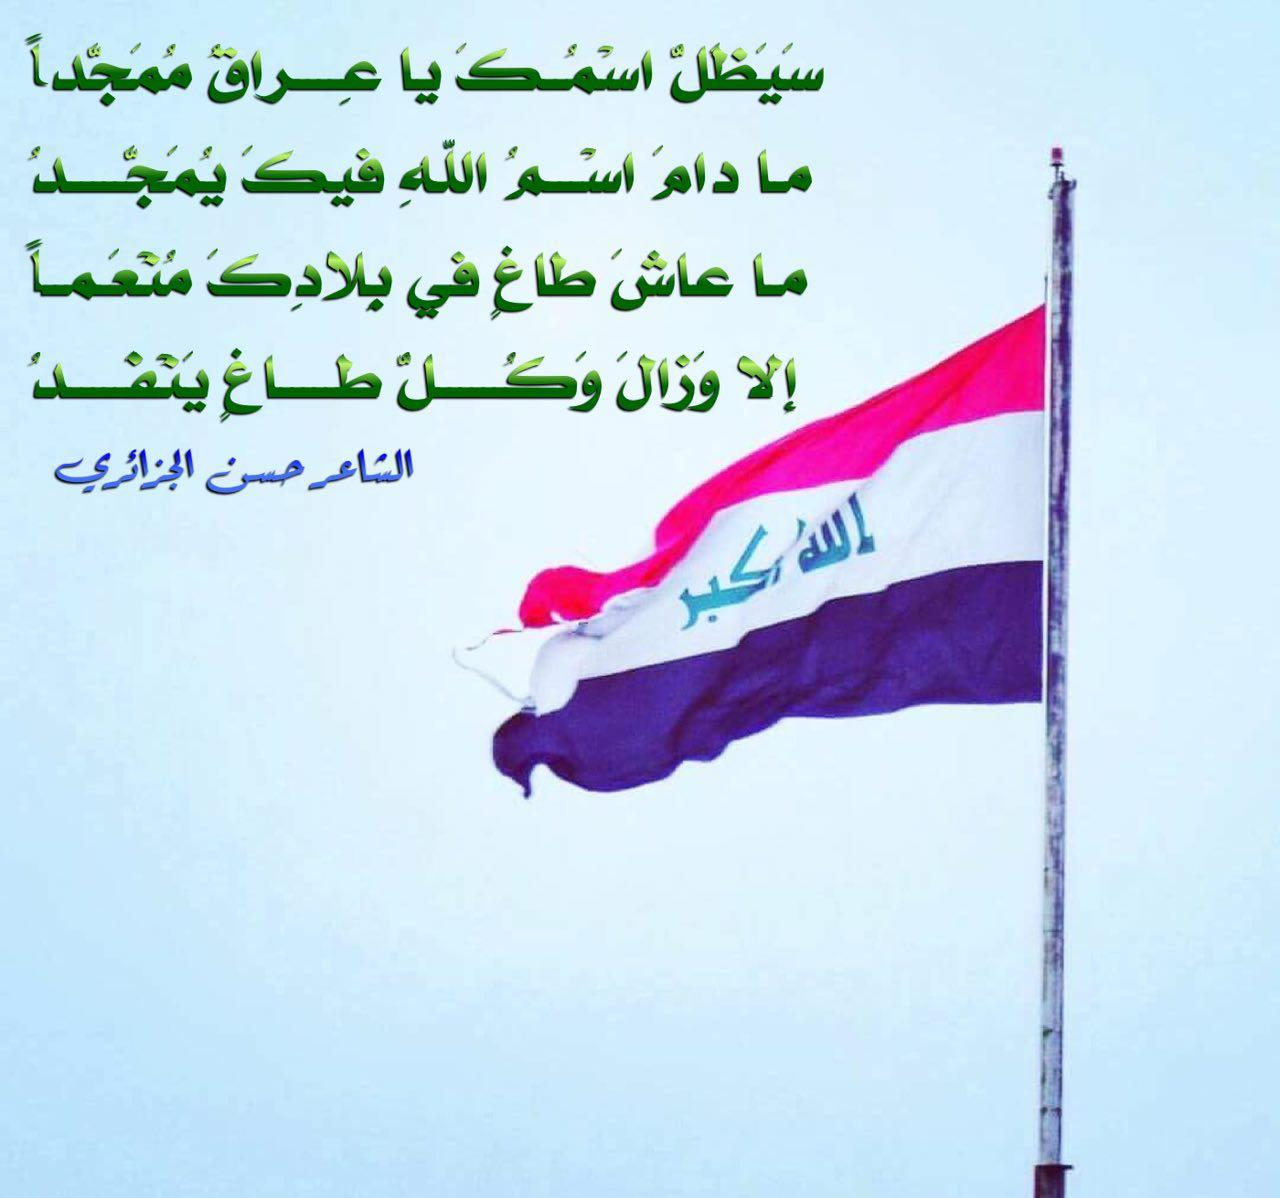 صوره شعر عن العراق , اقوى الابيات الشعرية عن العراق واهلها